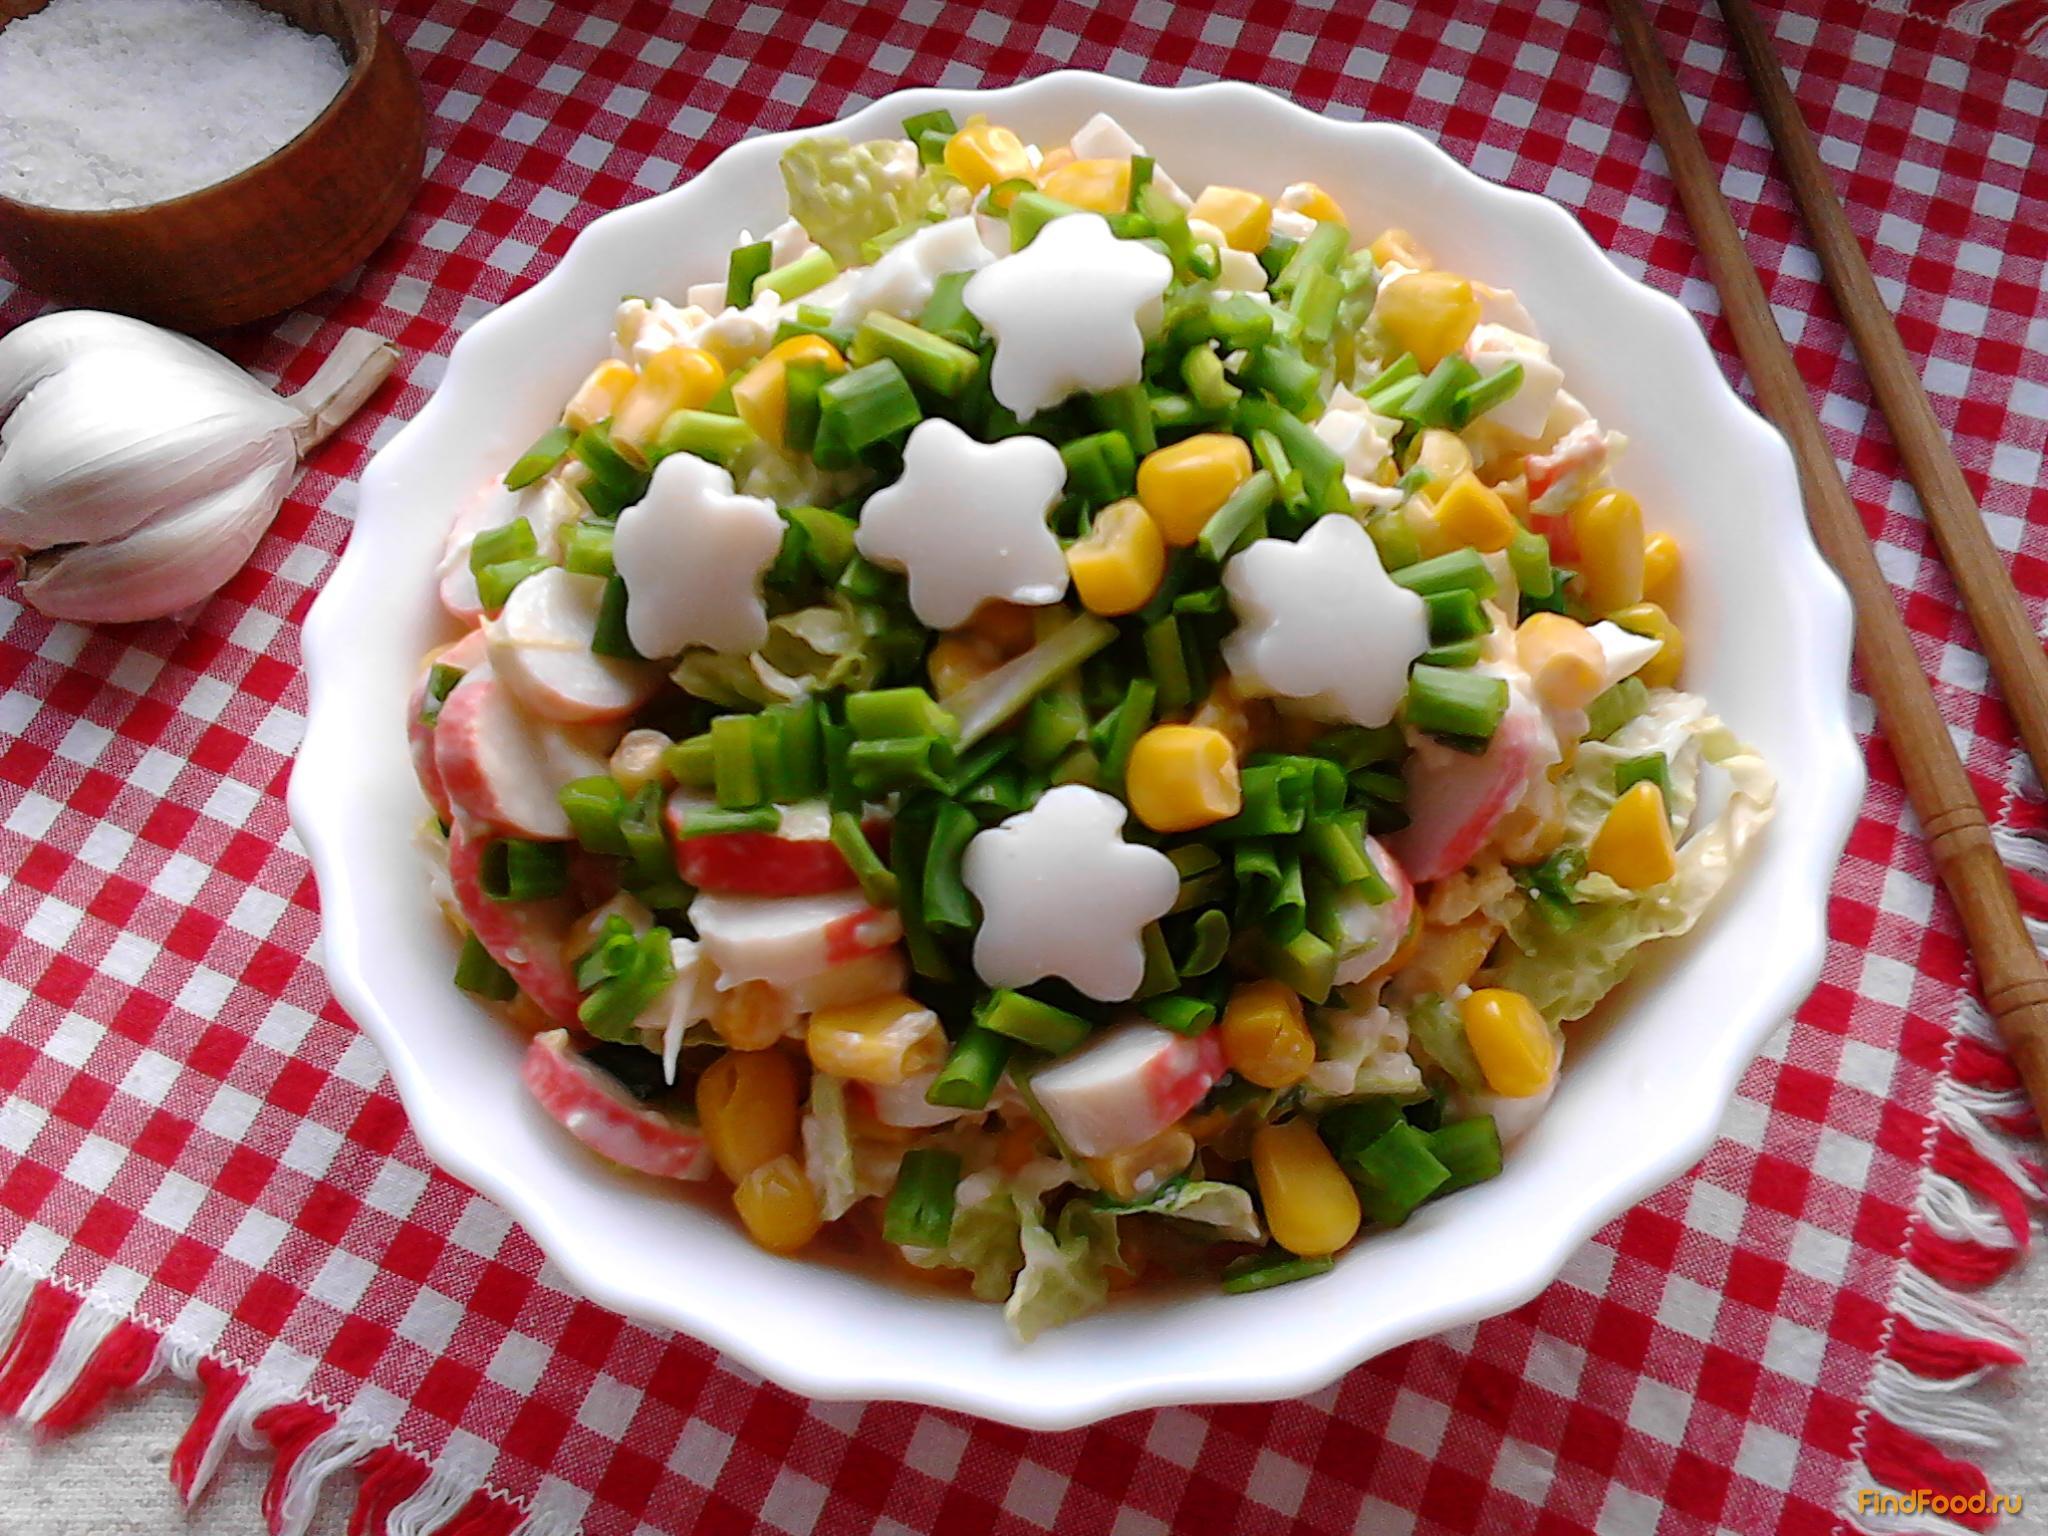 крабовый салат рецепт с указанием калорий